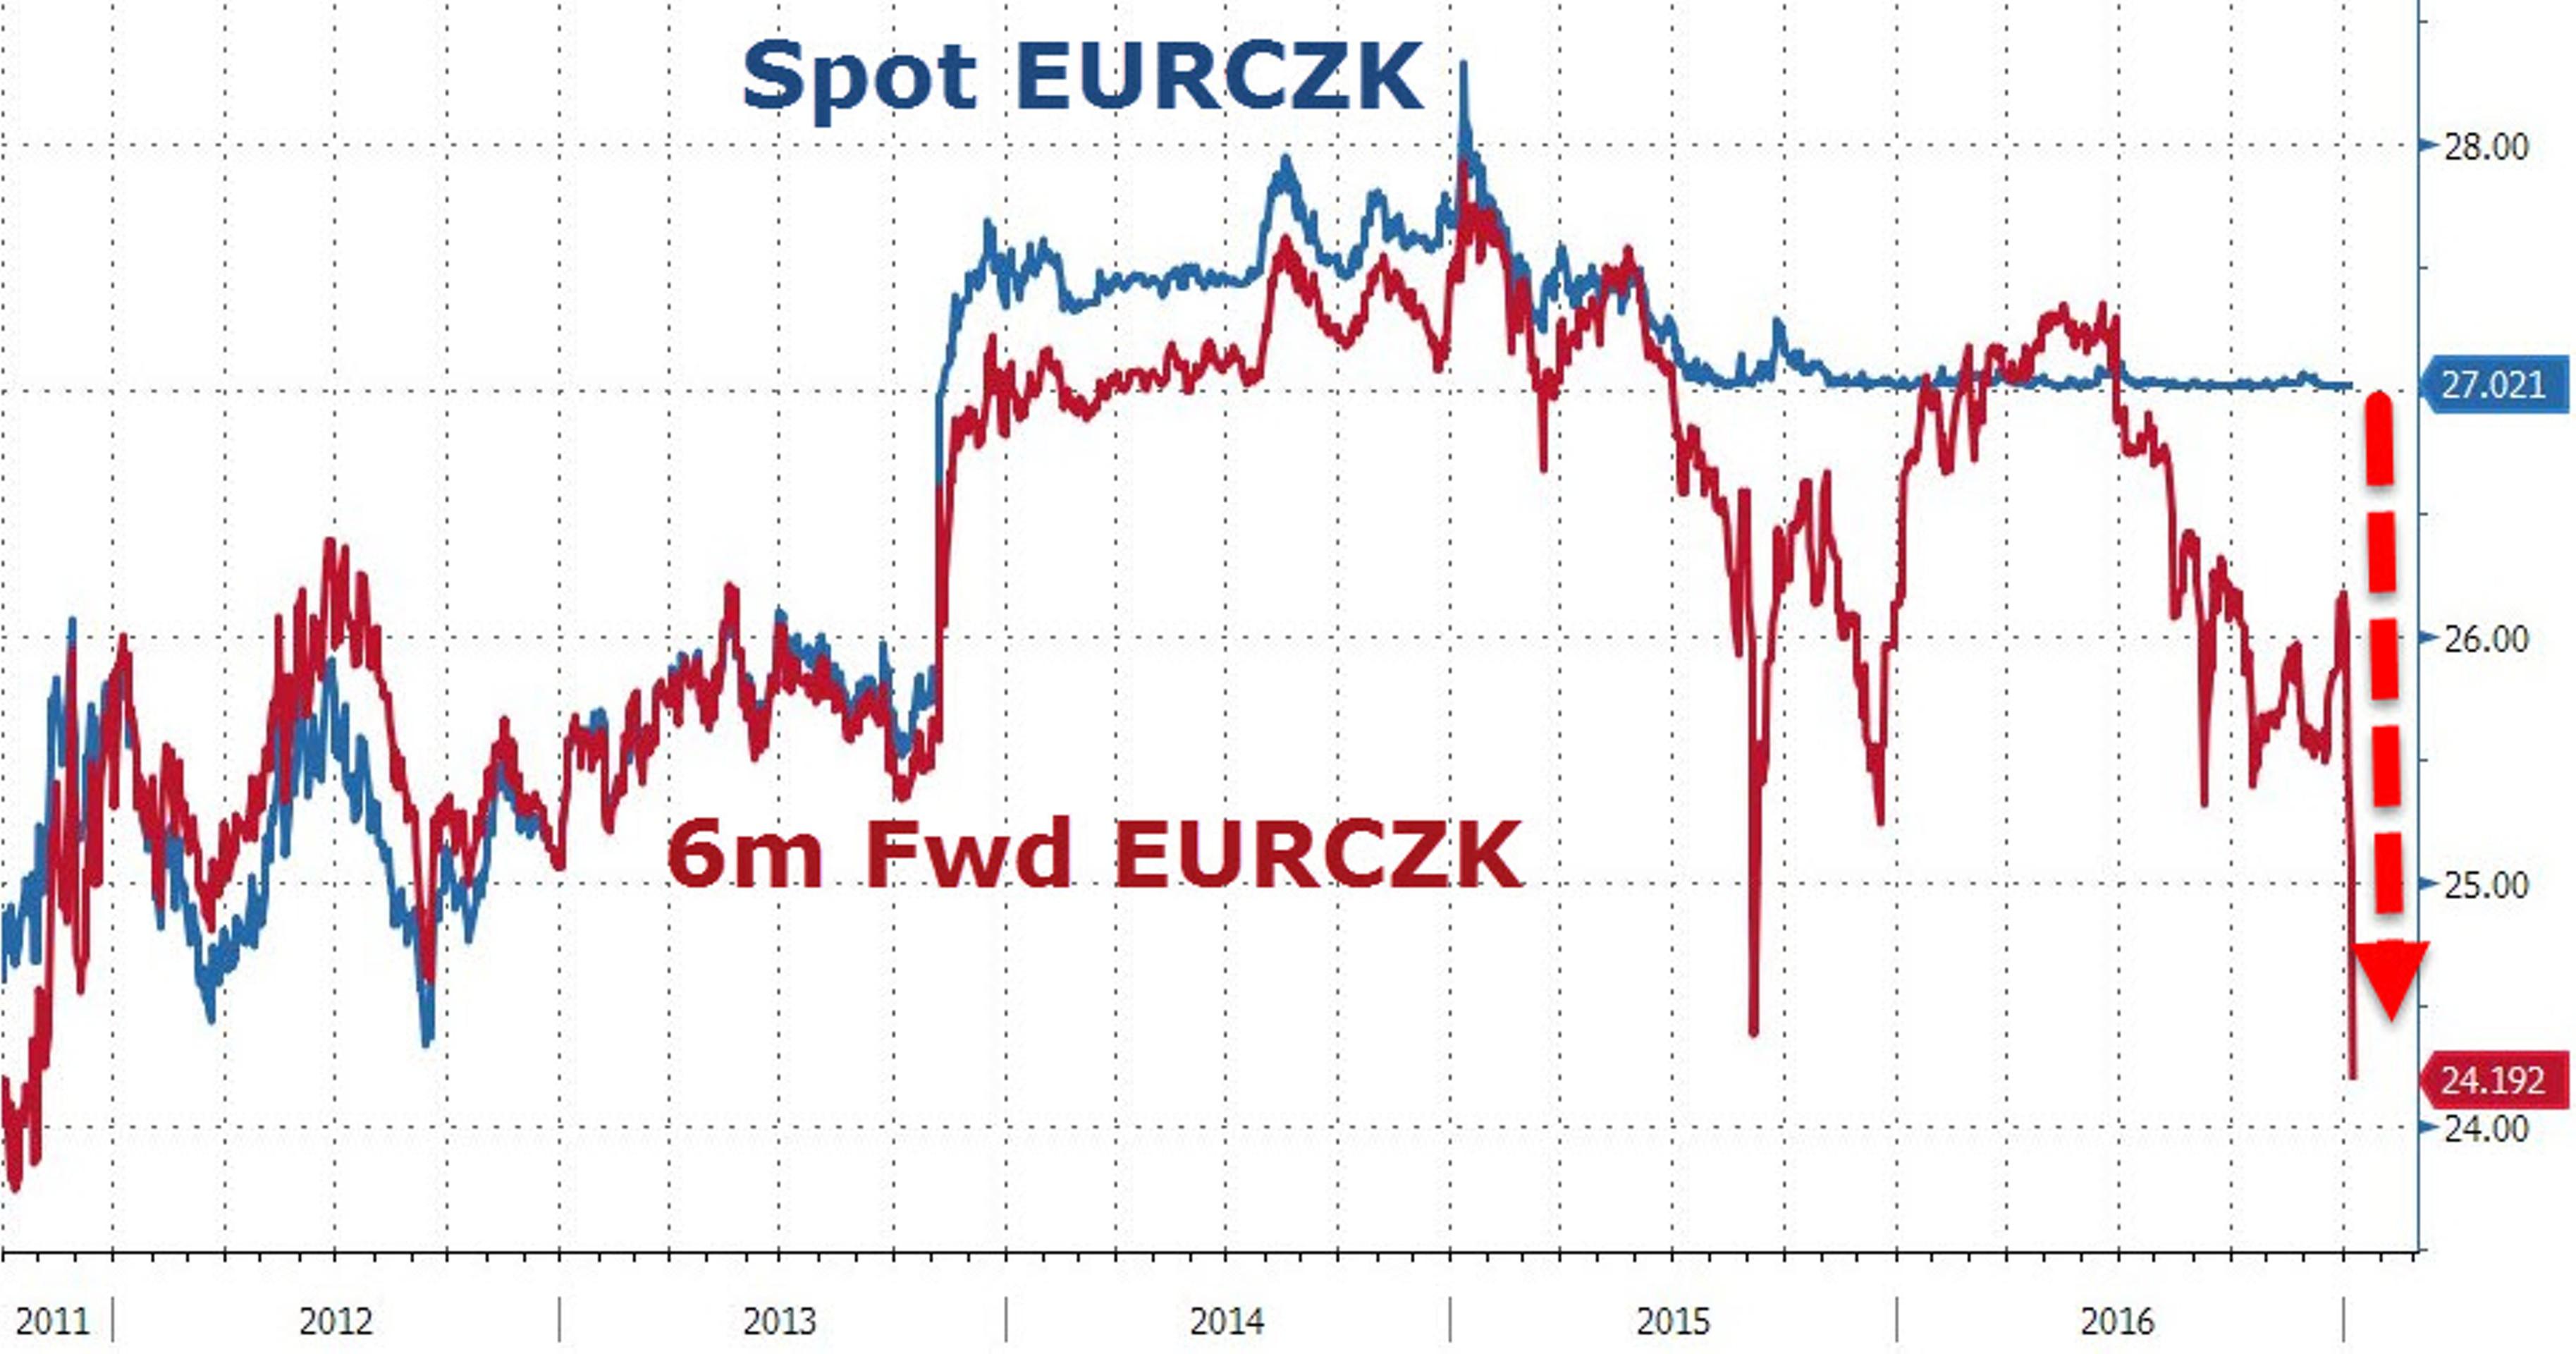 Czexit, или почему Чехия может покинуть Евросоюз